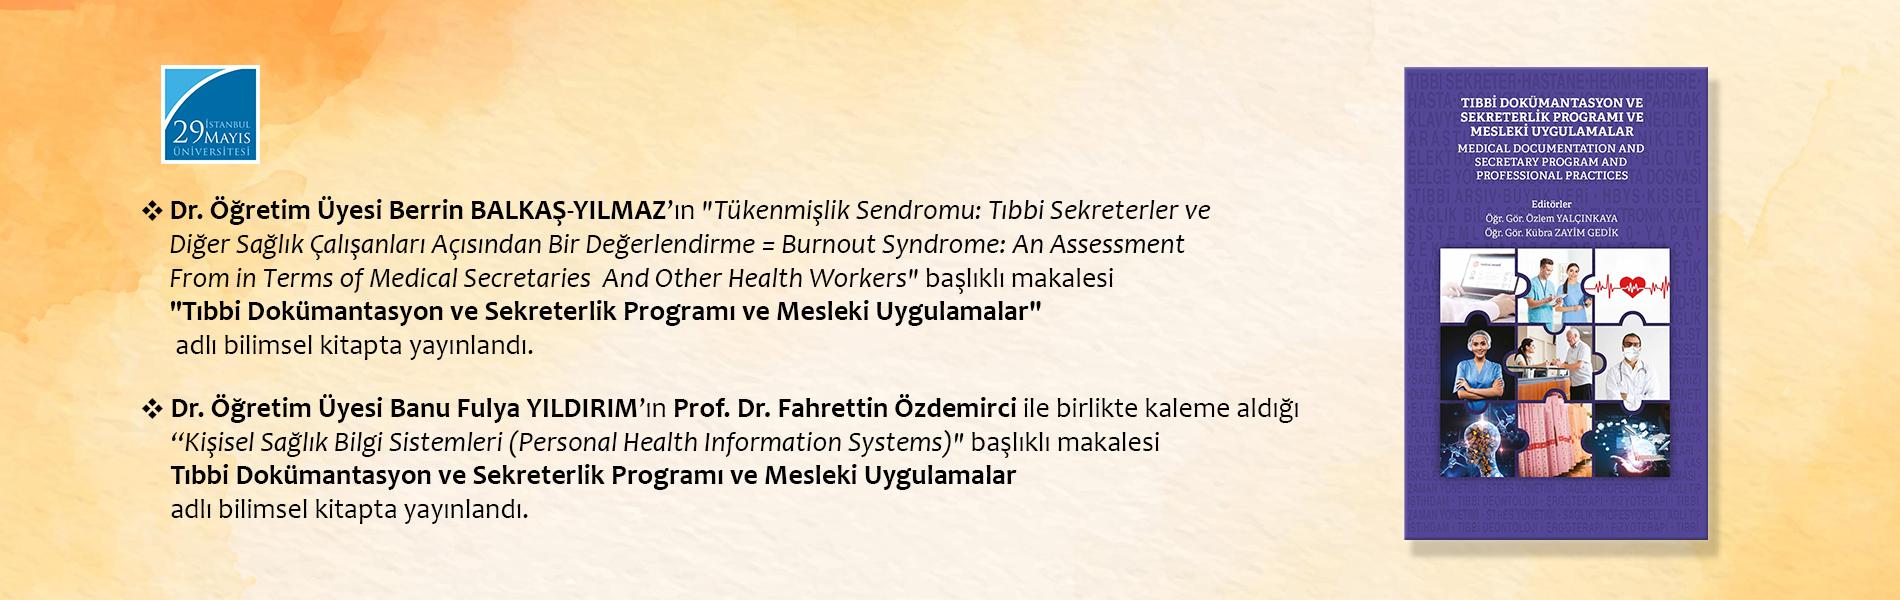 Dr. Öğr. Üyesi Berrin BALKAŞ-YILMAZ'ın Makalesi Tıbbi Dokümantasyon ve Sekreterlik Programı ve Mesleki Uygulamalar Adlı Bilimsel Kitapta Yayınlandı